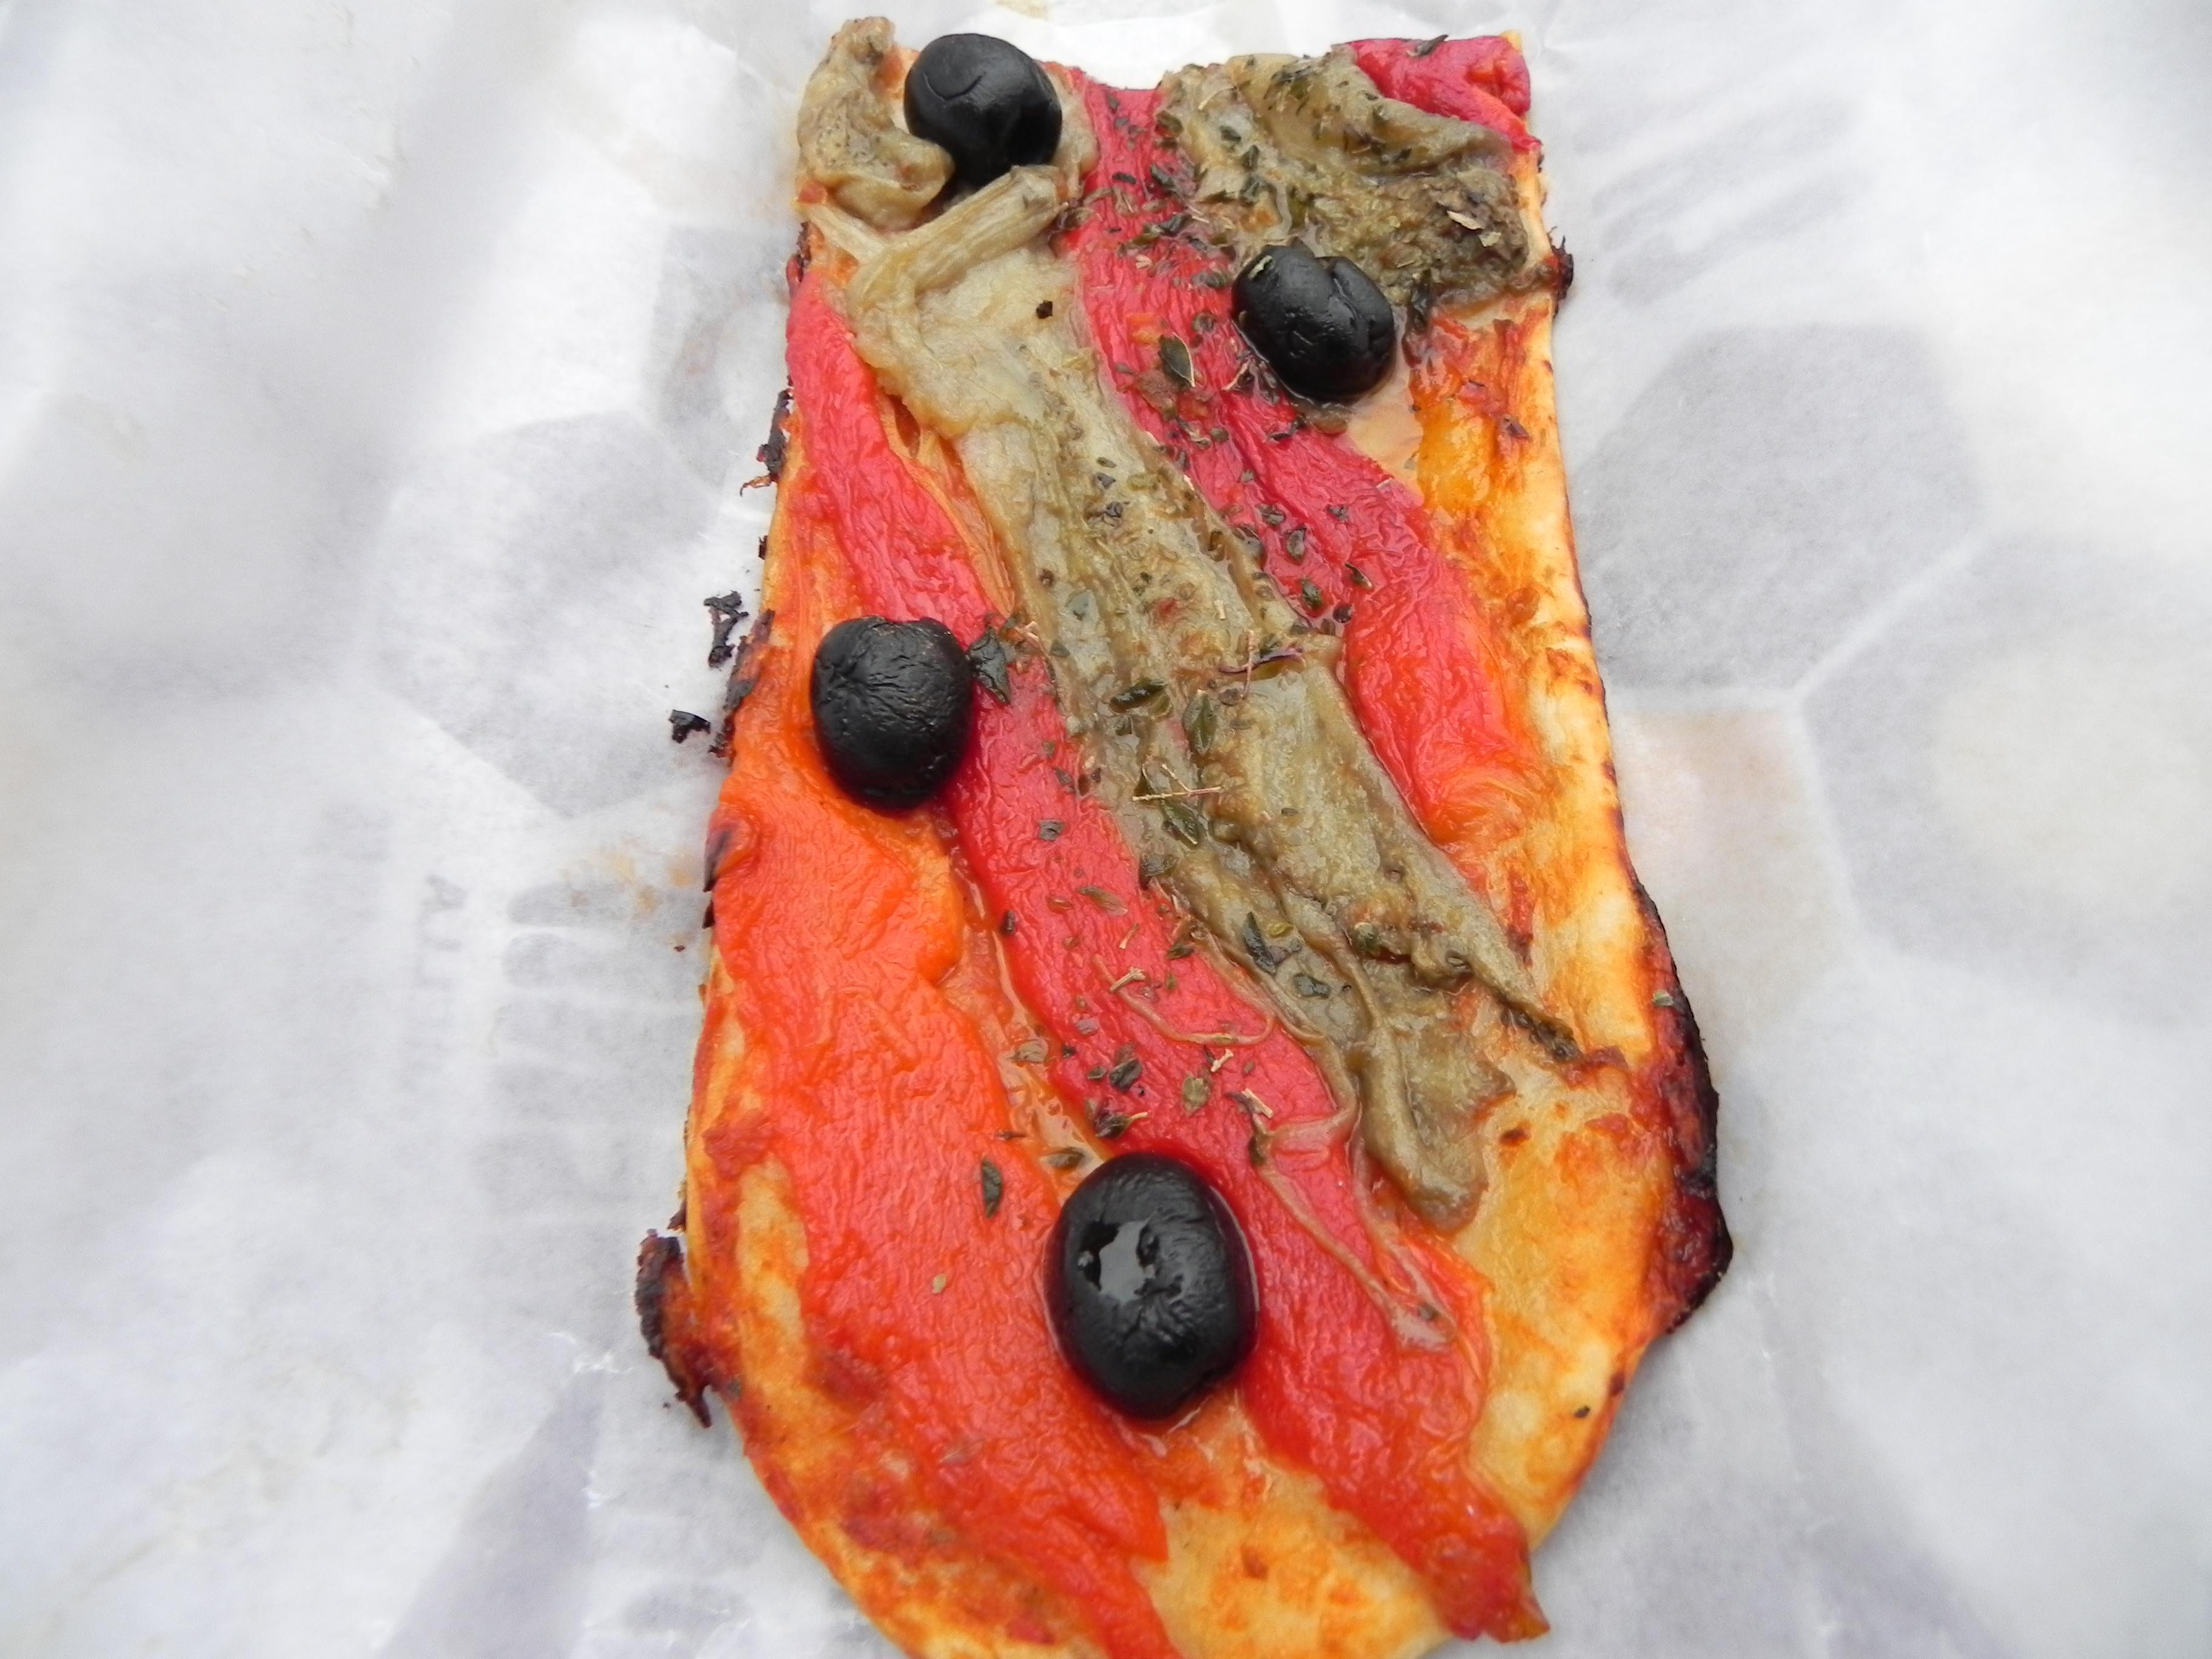 la focaccia street food qui in versione escalivada un altro piatto tipico cio con peperoni e melanzane arrostite tagliate a strisce e profumate con